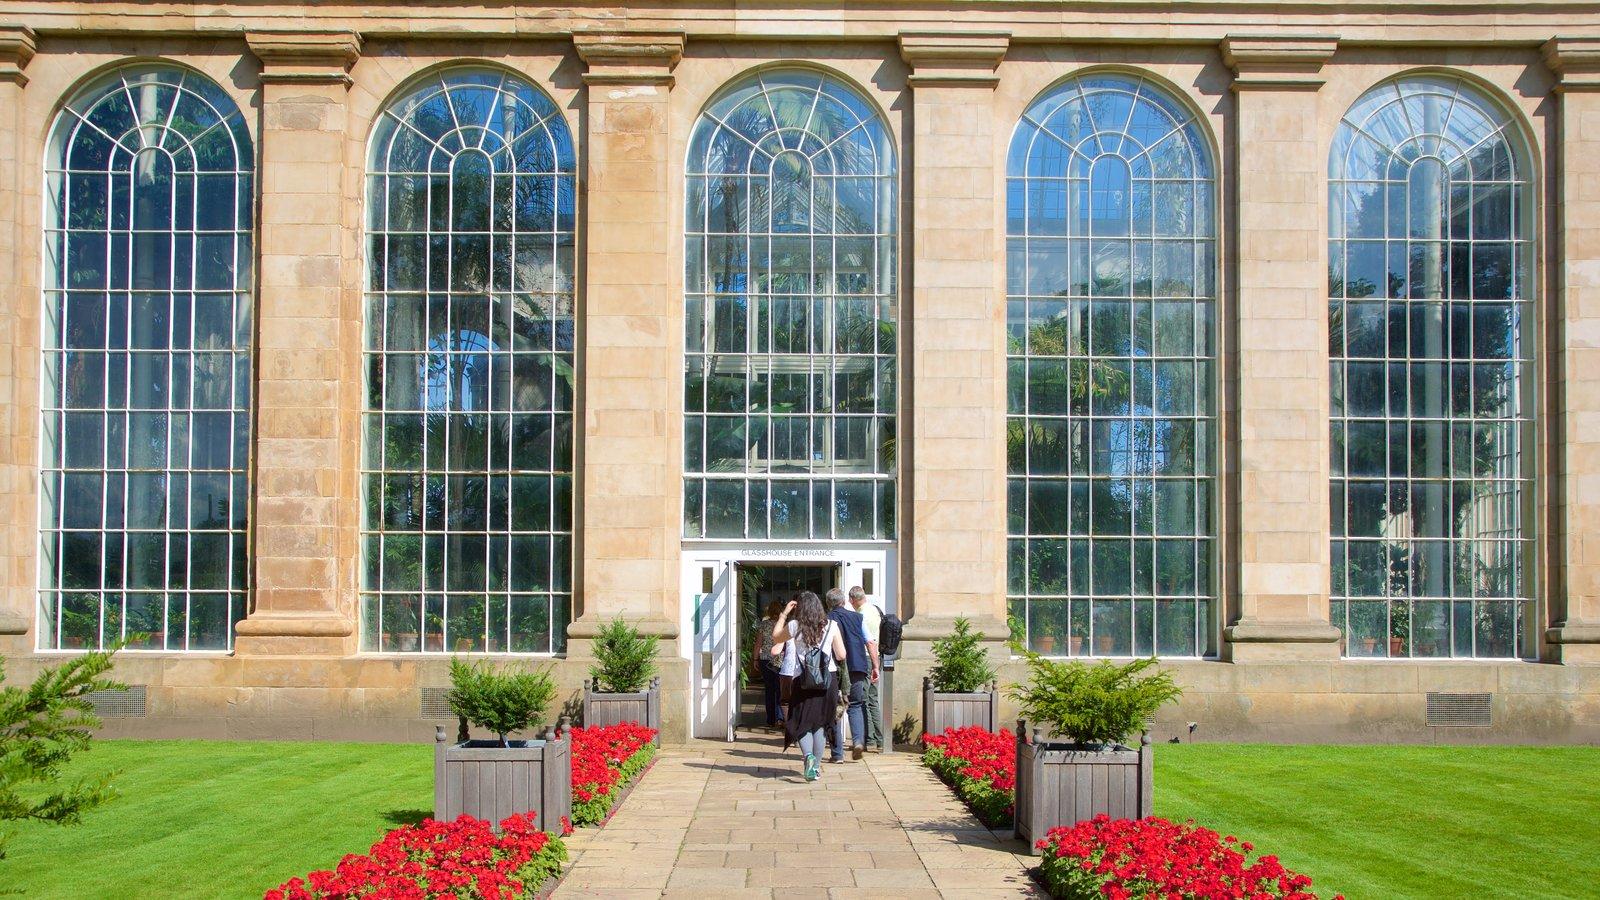 Royal Botanic Garden caracterizando elementos de patrimônio e cenas de rua